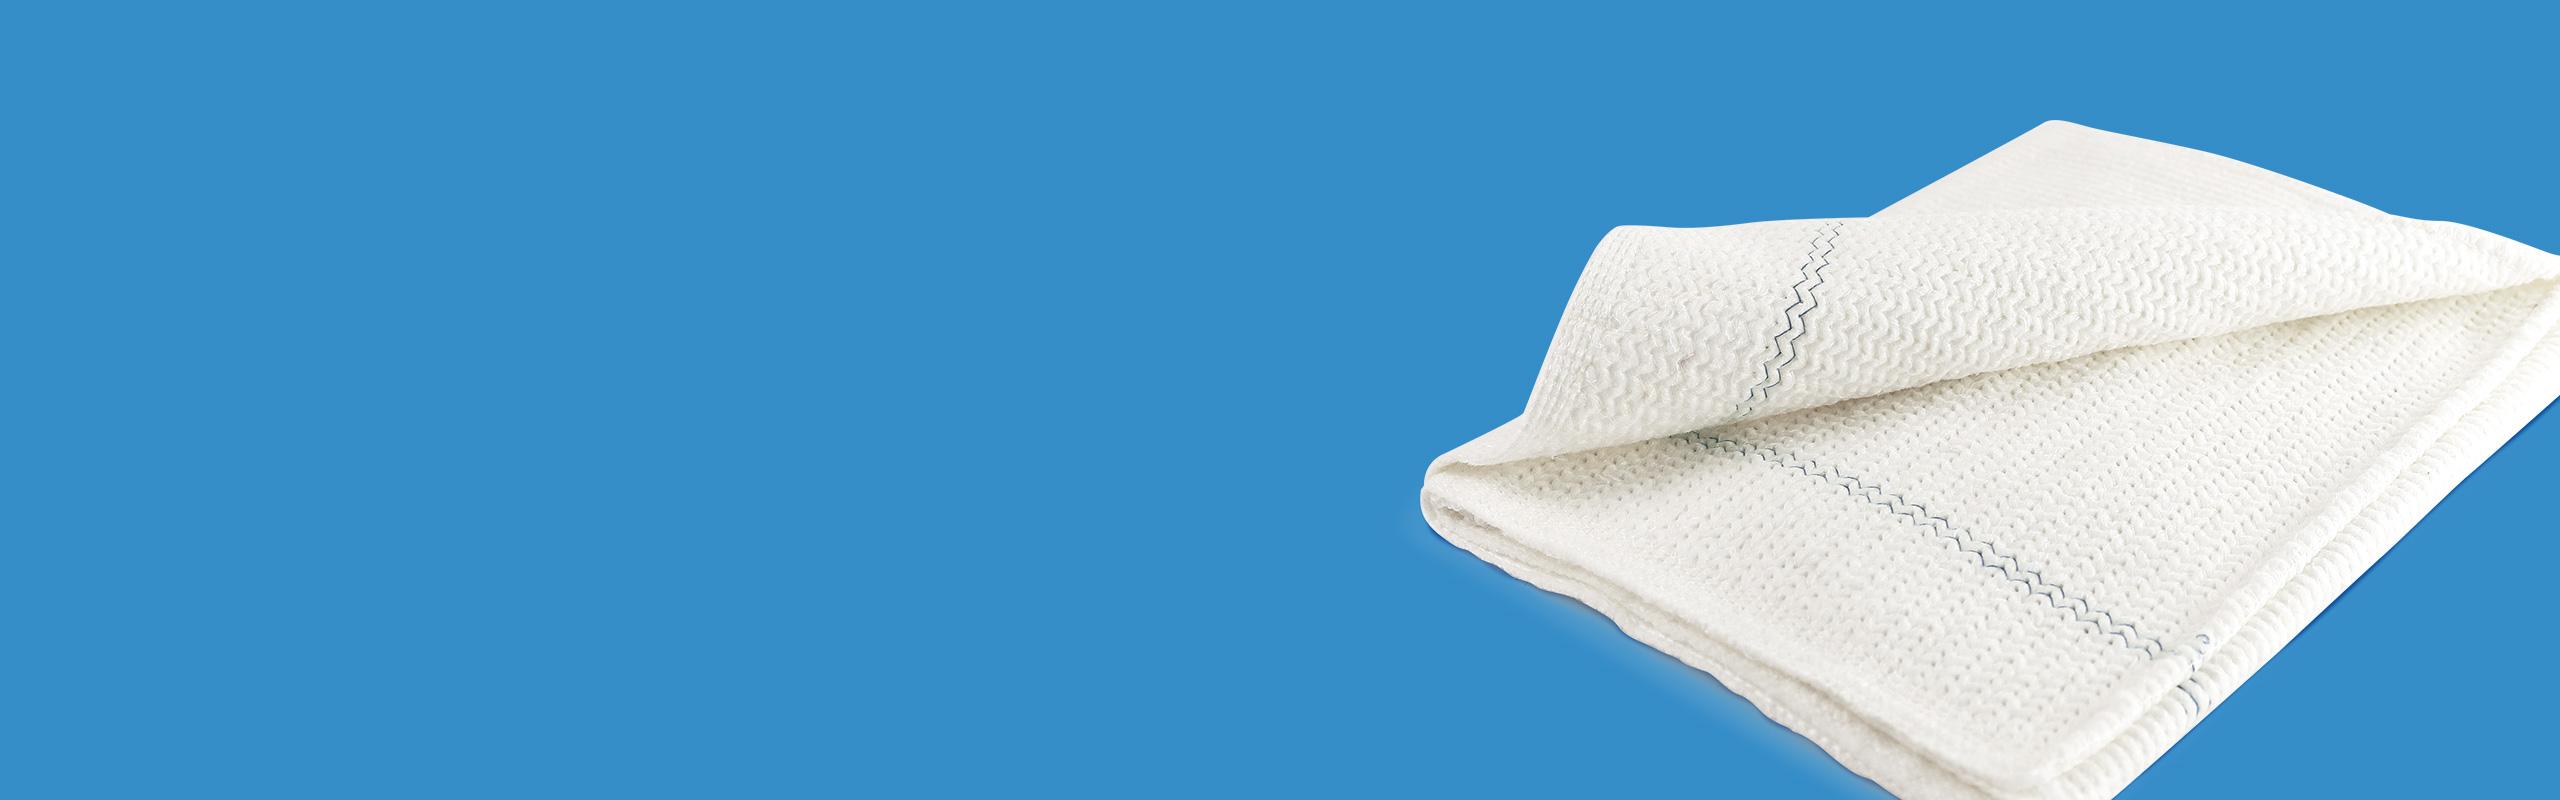 Magische Sauberkeit mit der Weichheit von Baumwolle